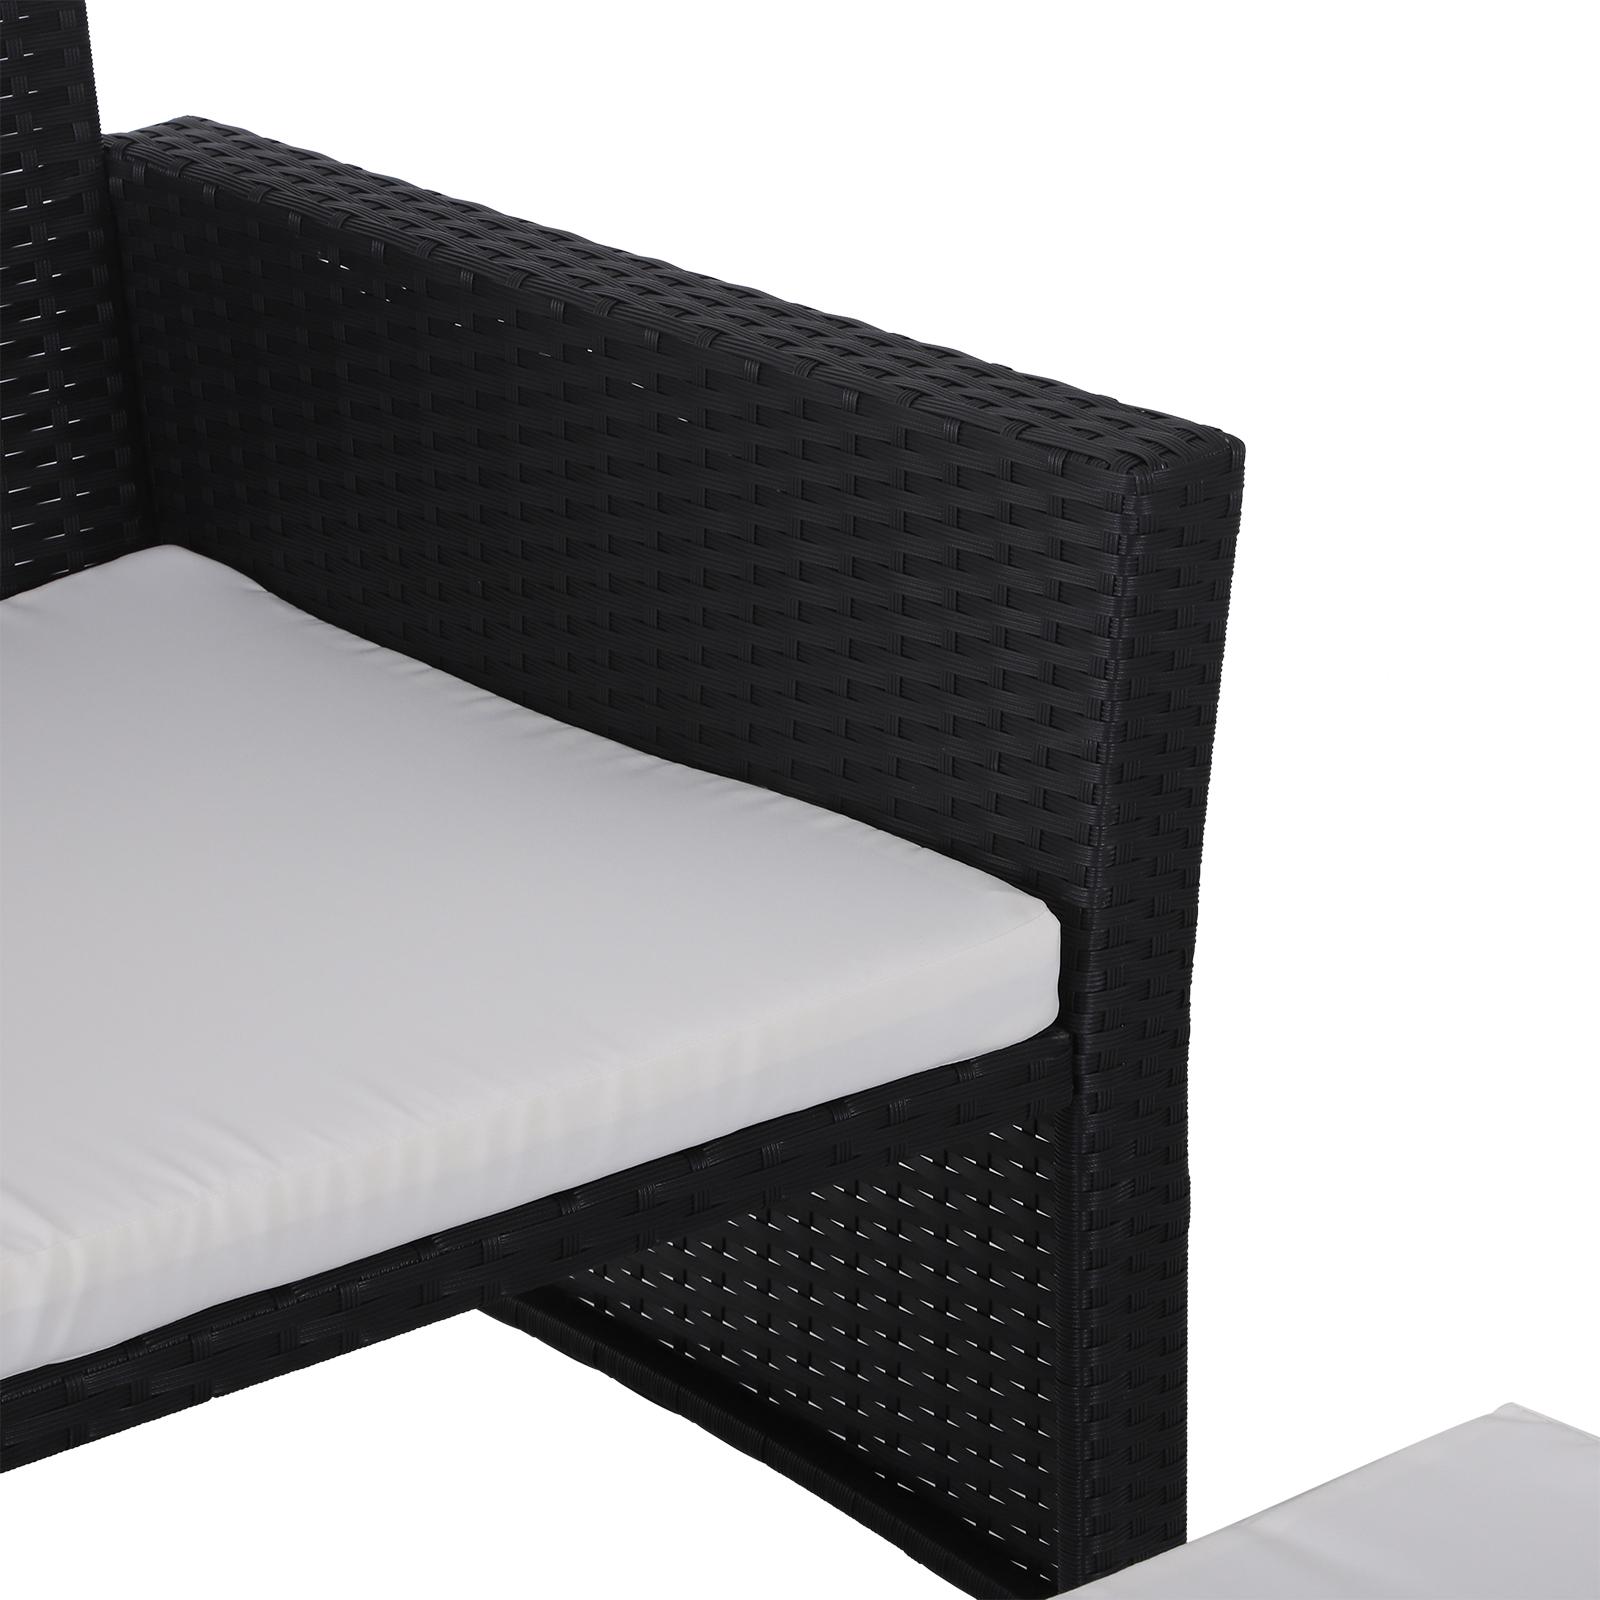 Sofa-de-Ratan-Dos-Plazas-Sillon-Mueble-Jardin-Terraza-con-Reposapies-Toldo-Cojin miniatura 17